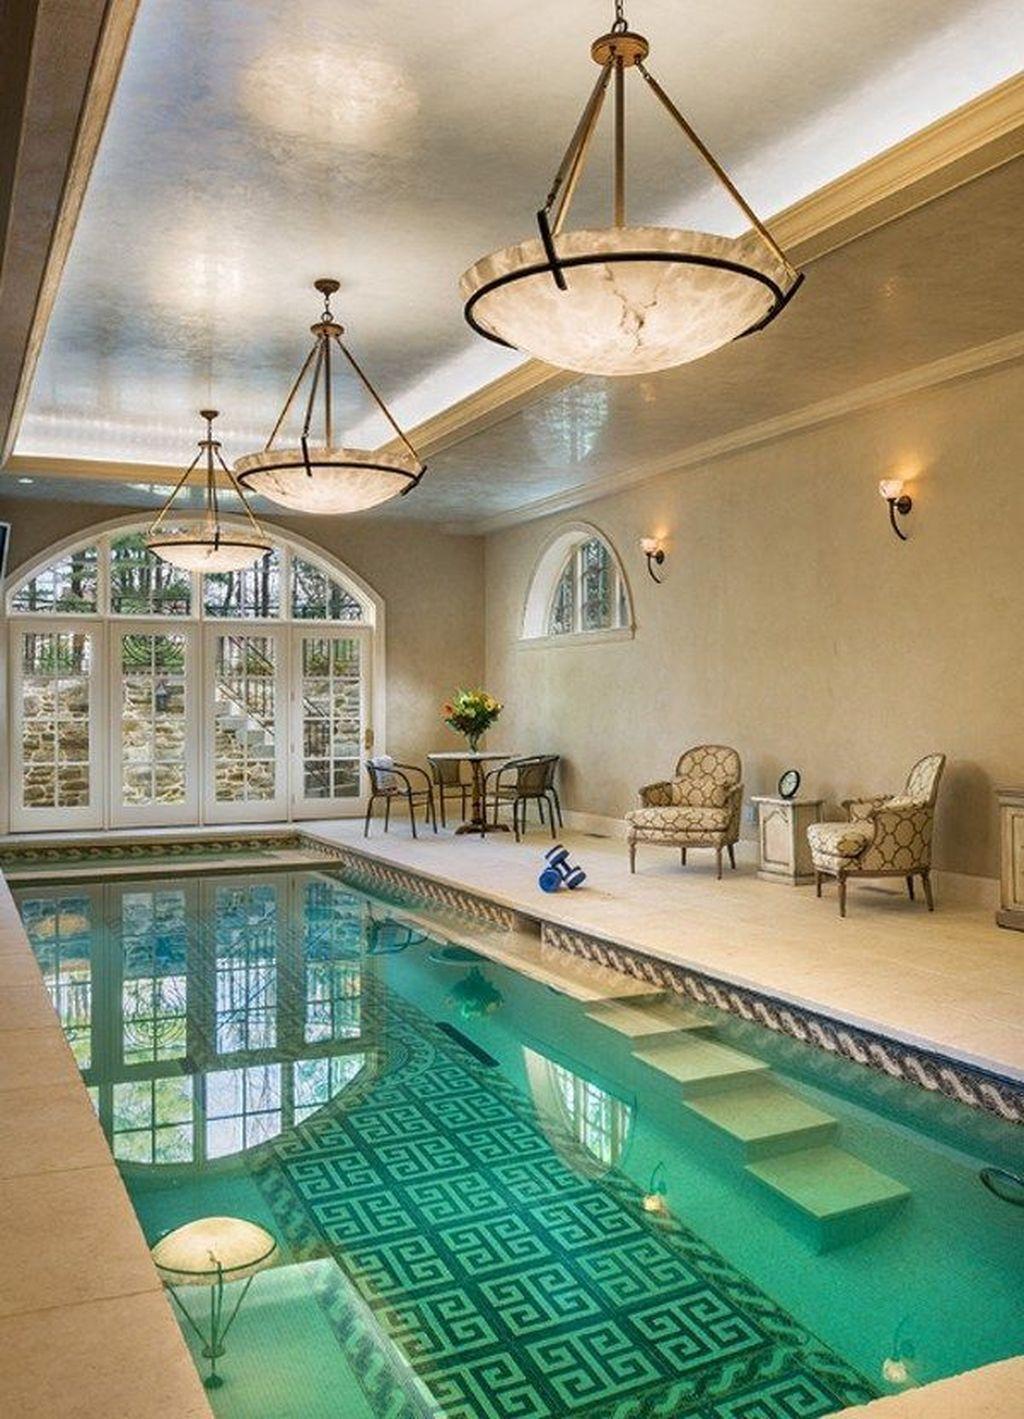 41 Best Inspiration Window Indoor Swimming Pool Design Ideas With - Indoor-swimming-pool-design-ideas